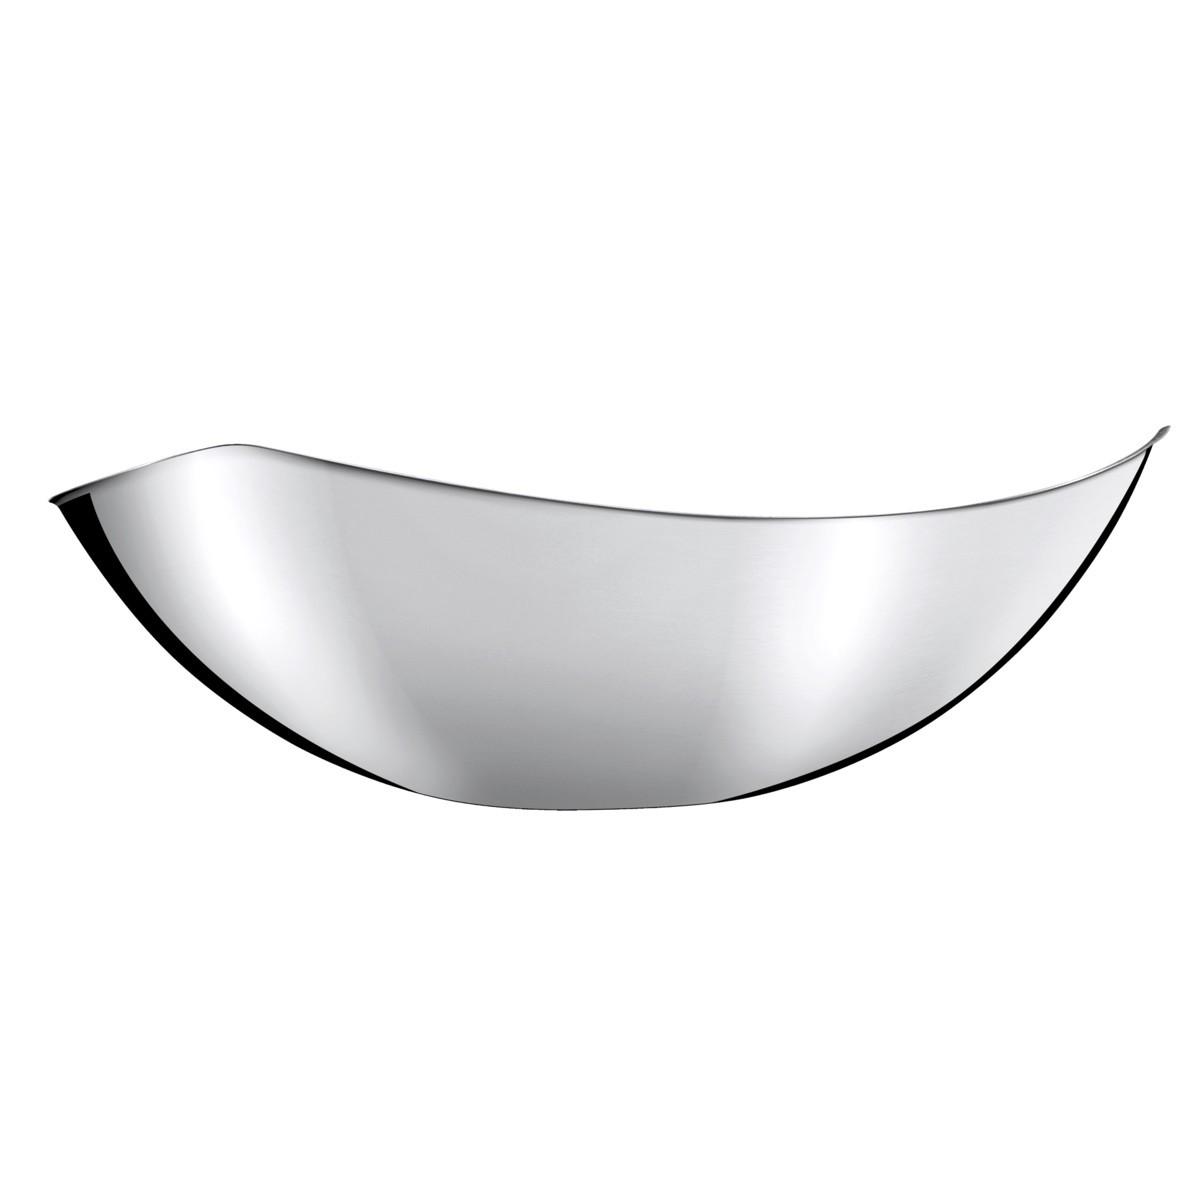 Saladeira Tramontina em Aço Inox Design Três Pontas 1,6 L  - Sua Casa Gourmet e Cia